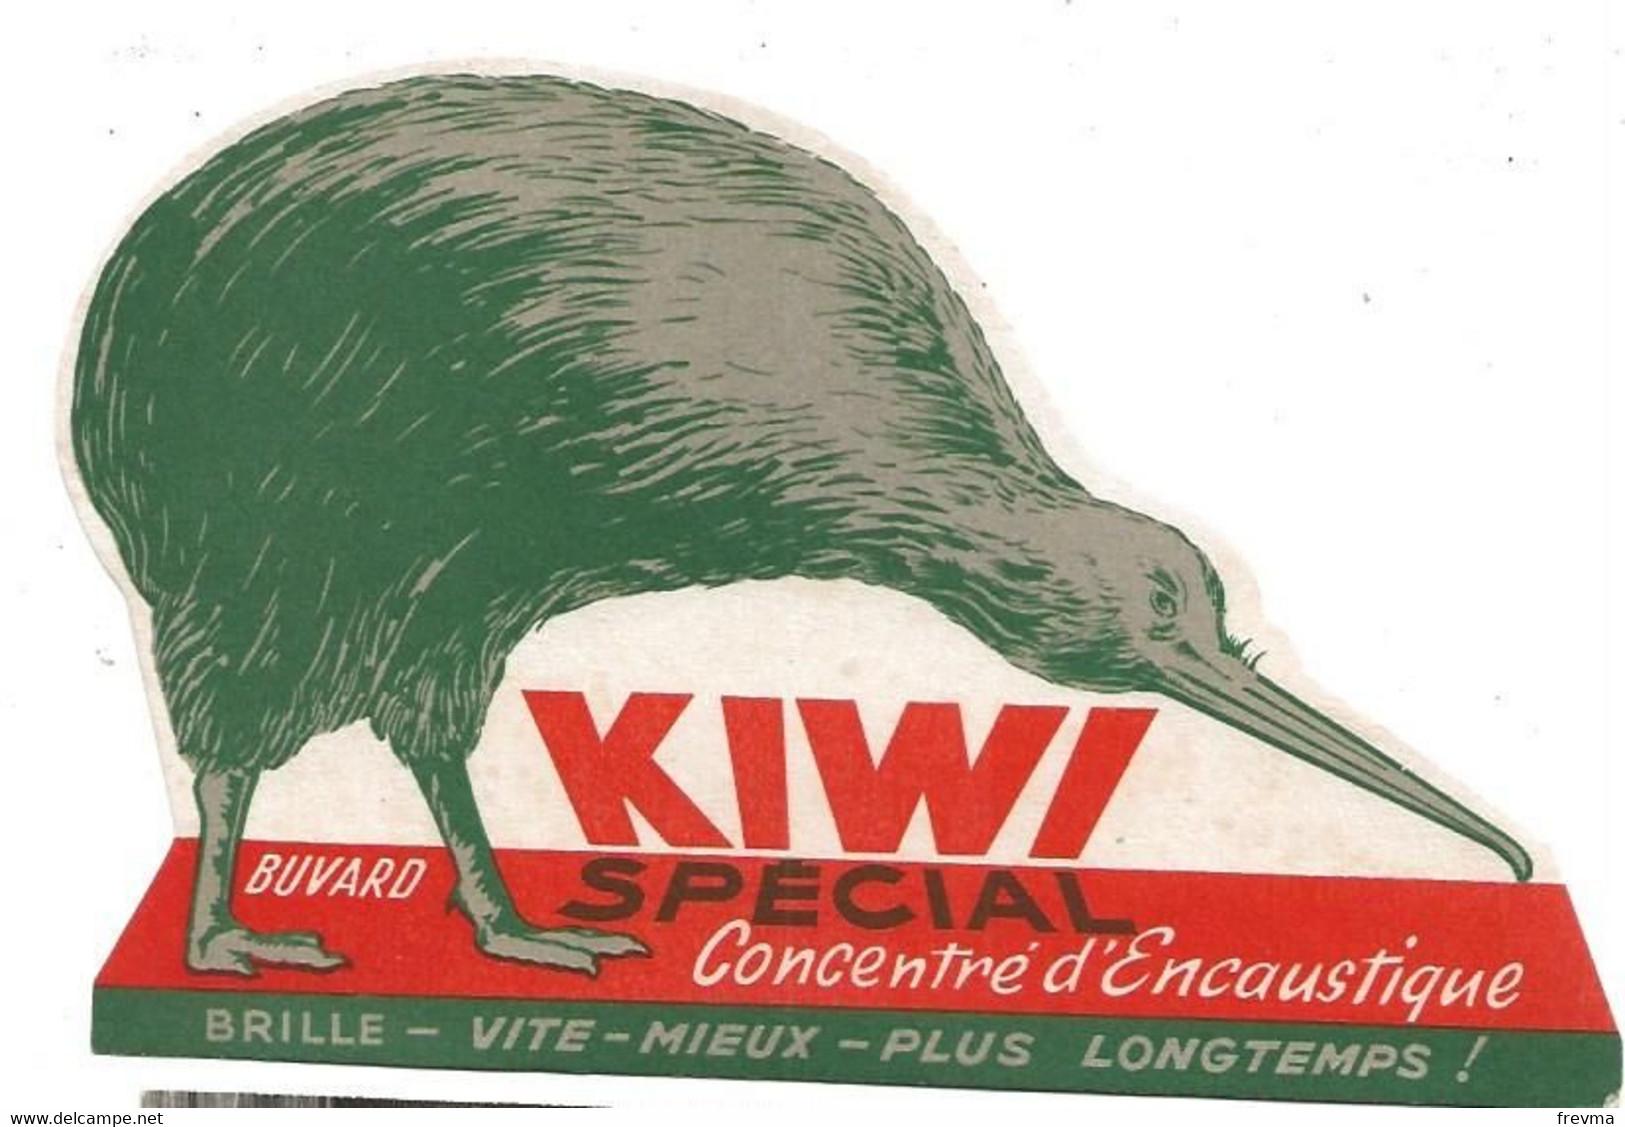 Buvard Kiwi Special - K